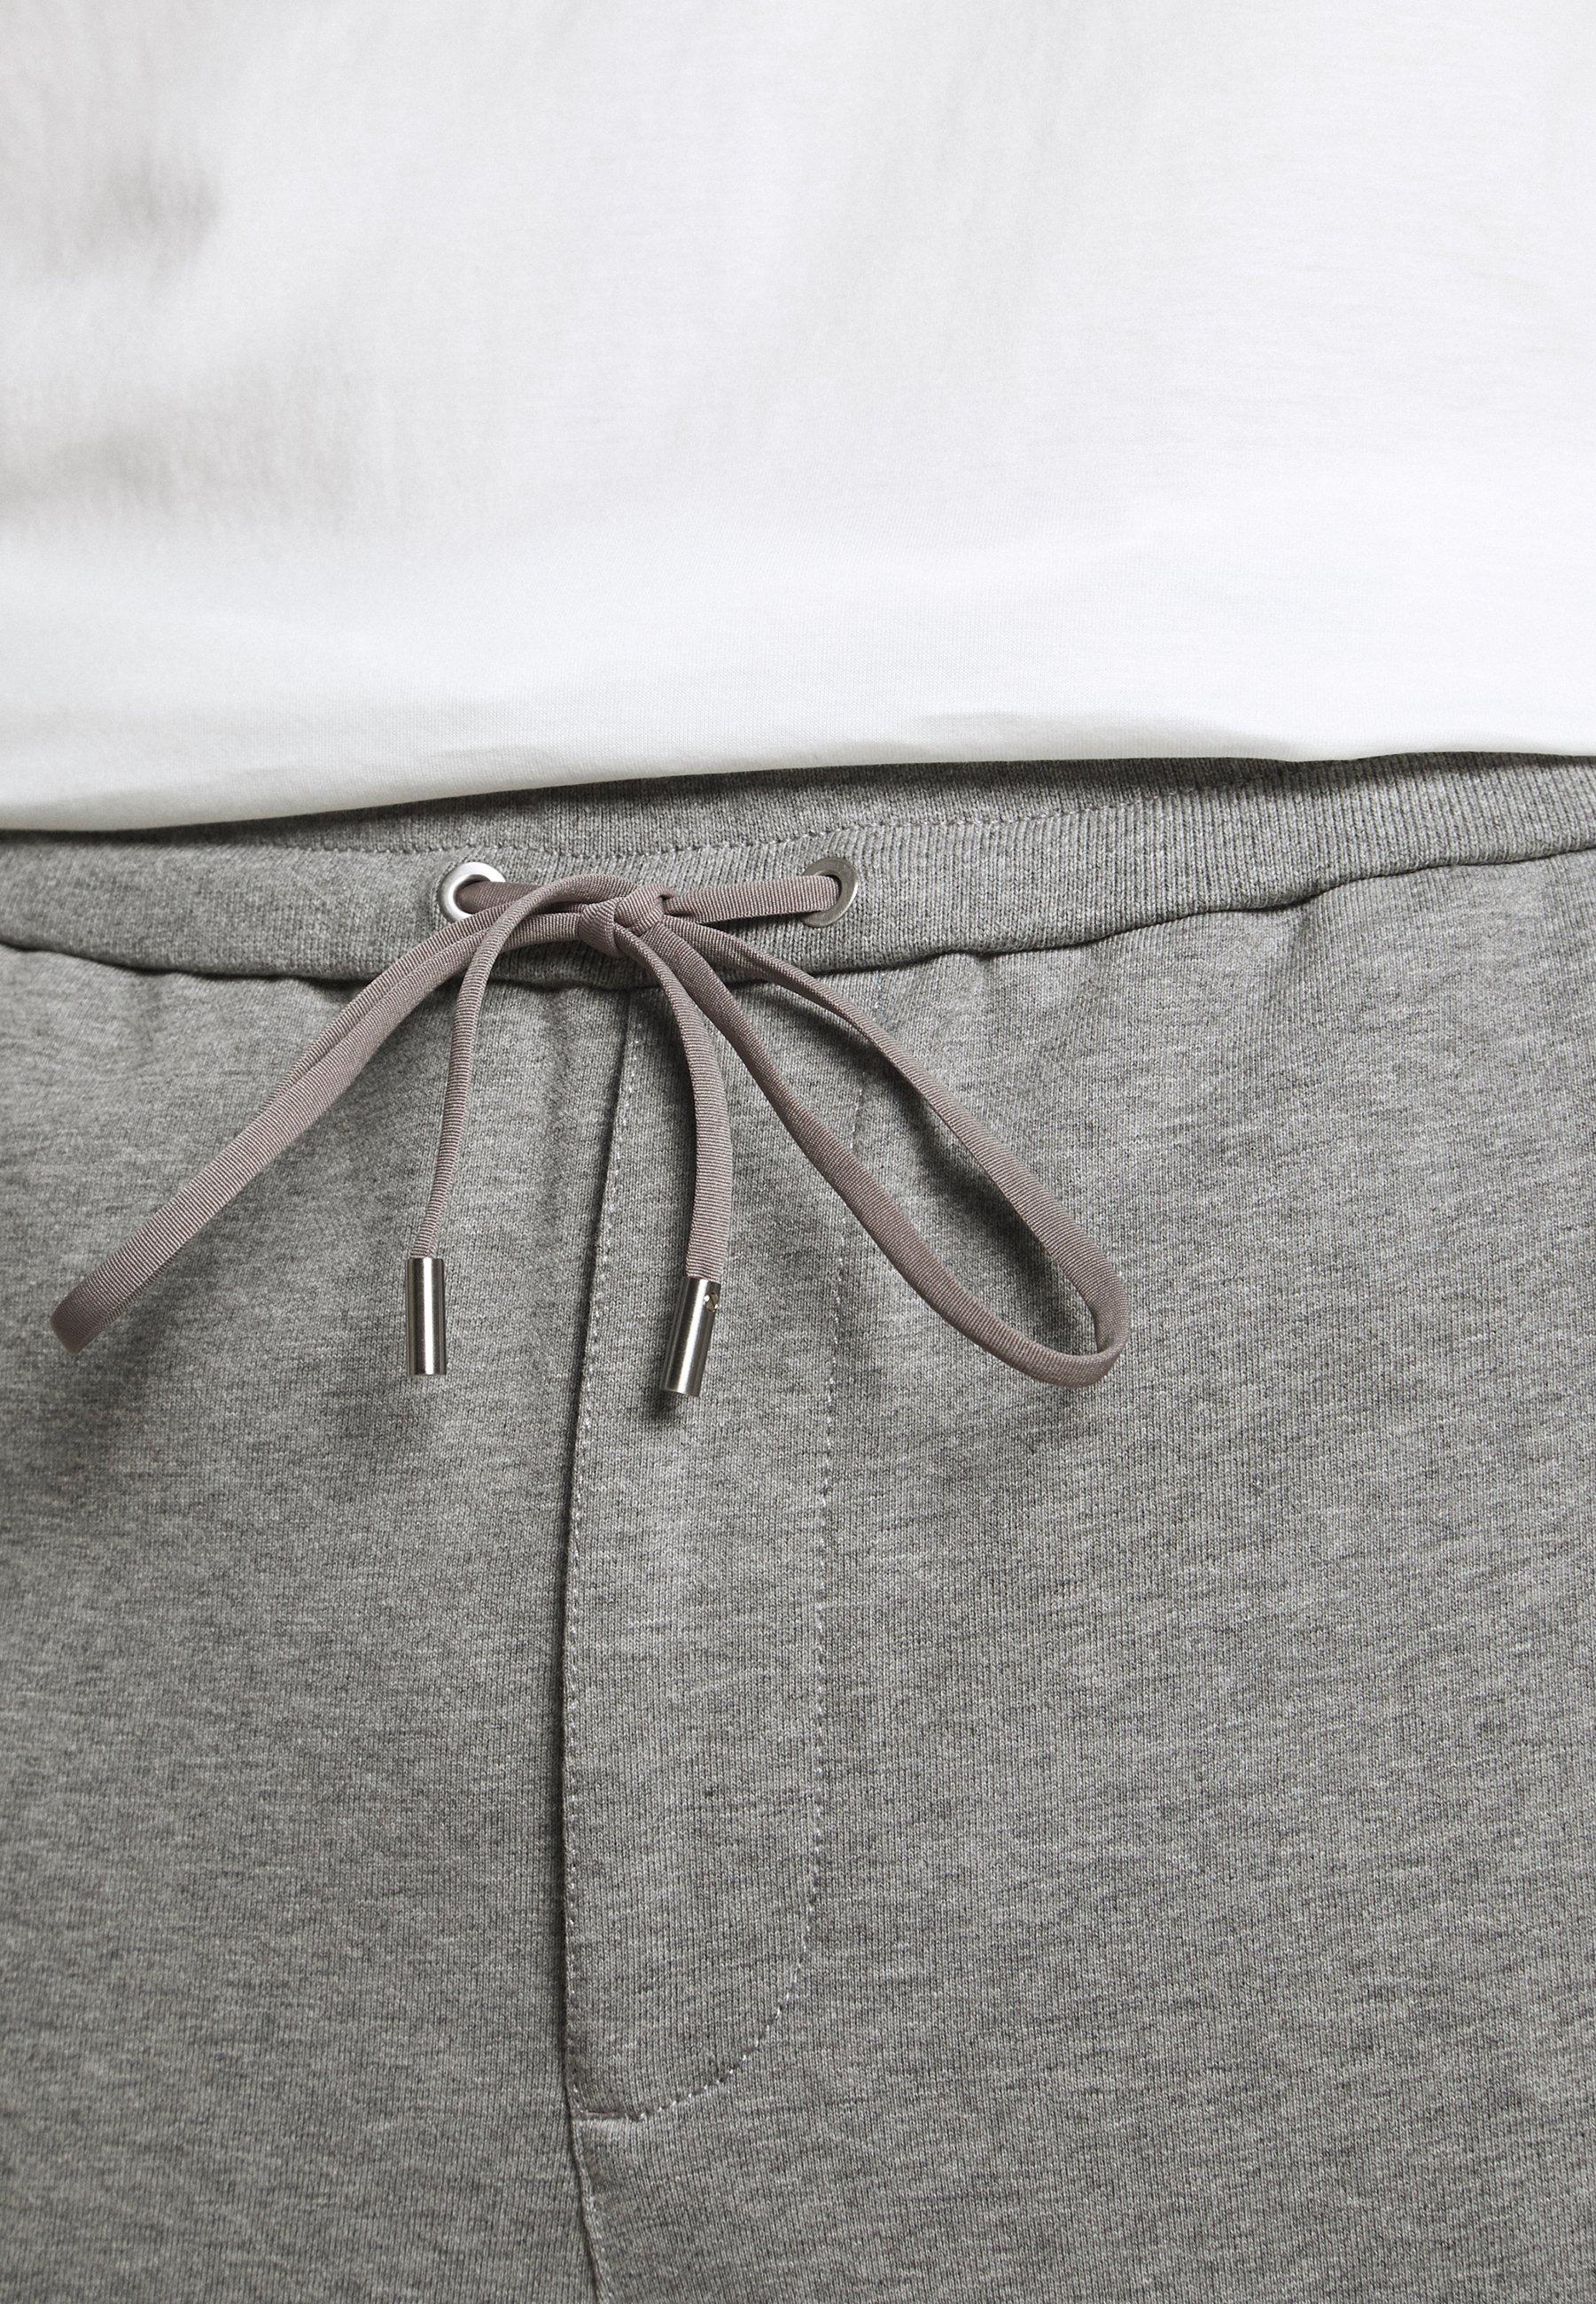 Qualité Supérieure Vêtements homme 3.1 Phillip Lim COMBO Pantalon de survêtement mottled grey V5Dxoe7j